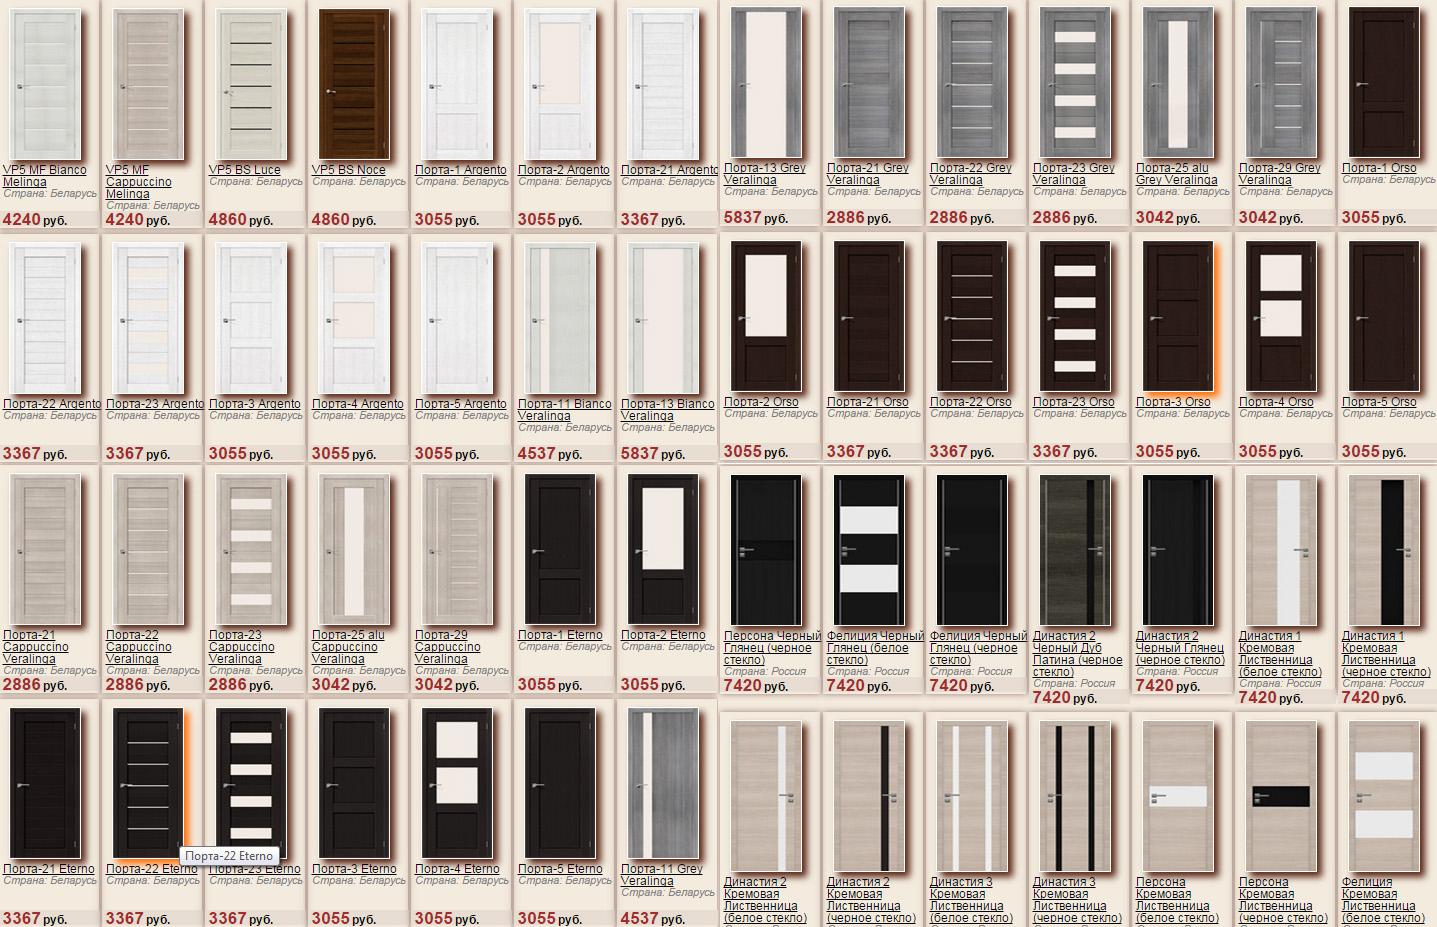 Стильные двери из экошпона, большой выбор цветов и моделей, низкие цены в интернет-магазине Интерьер+